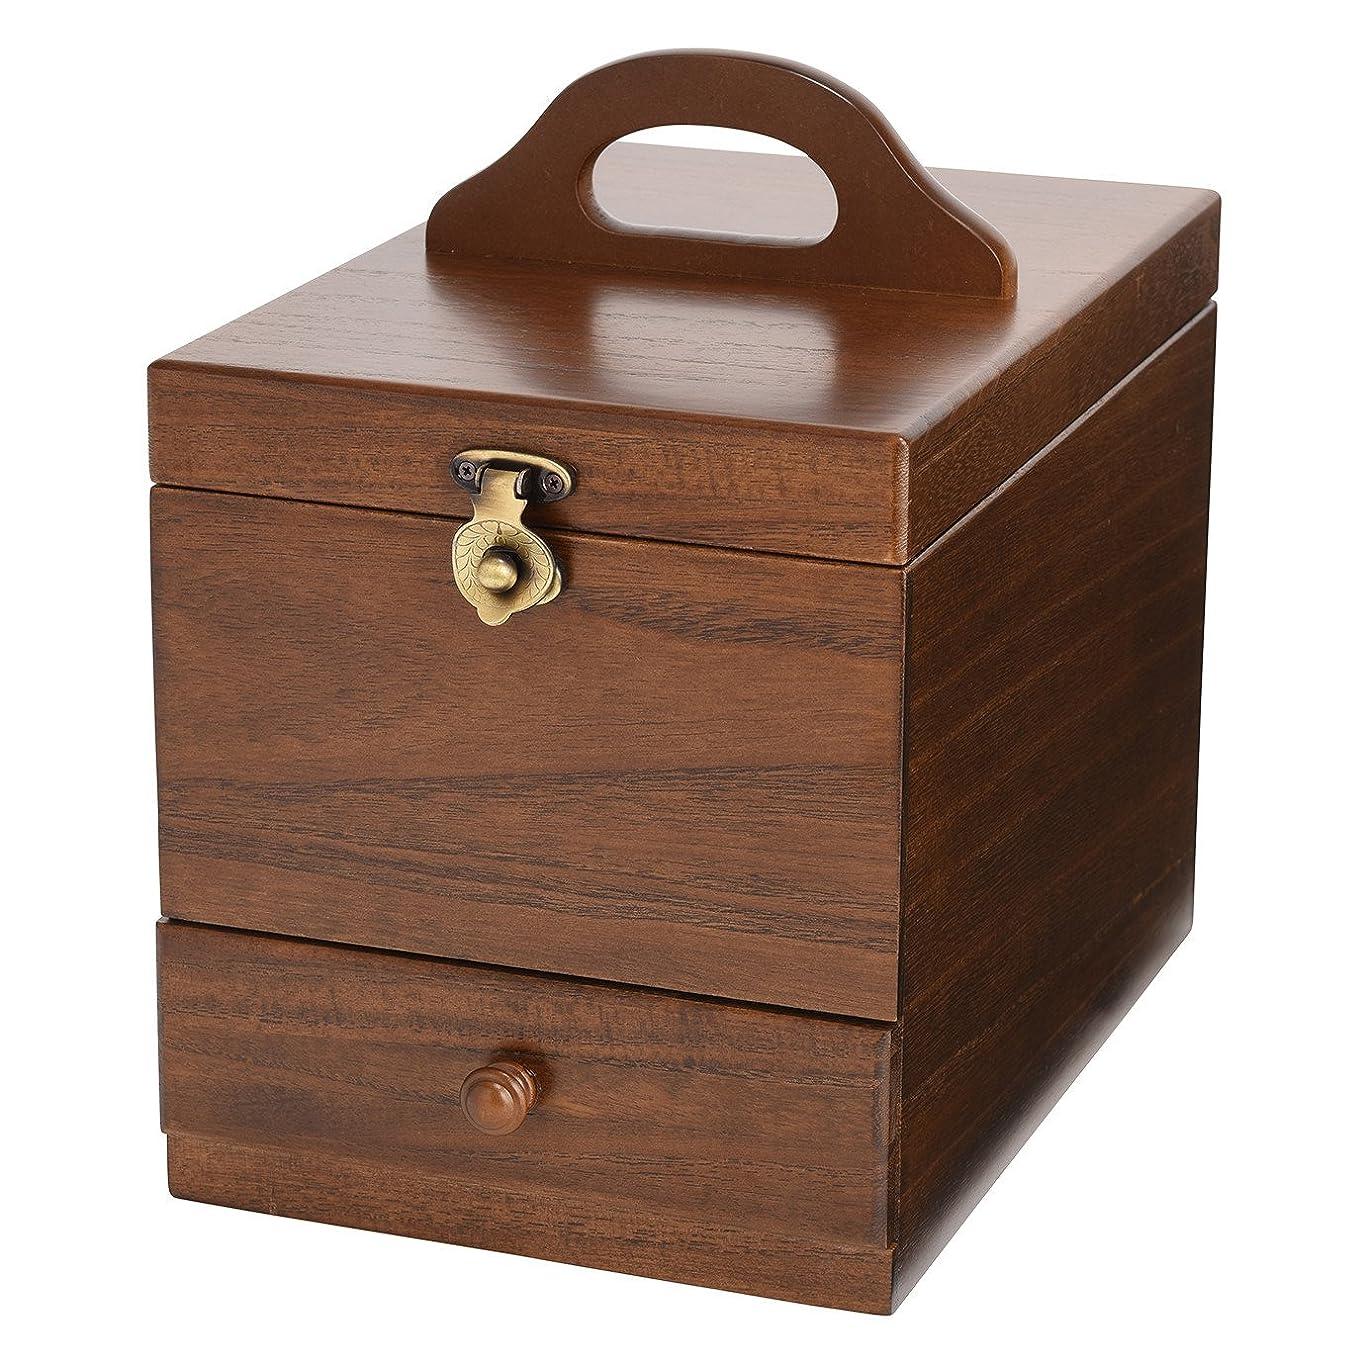 増強するダンスお茶コスメボックス 日本製 静岡の熟練の木工職人の手作り 017-513